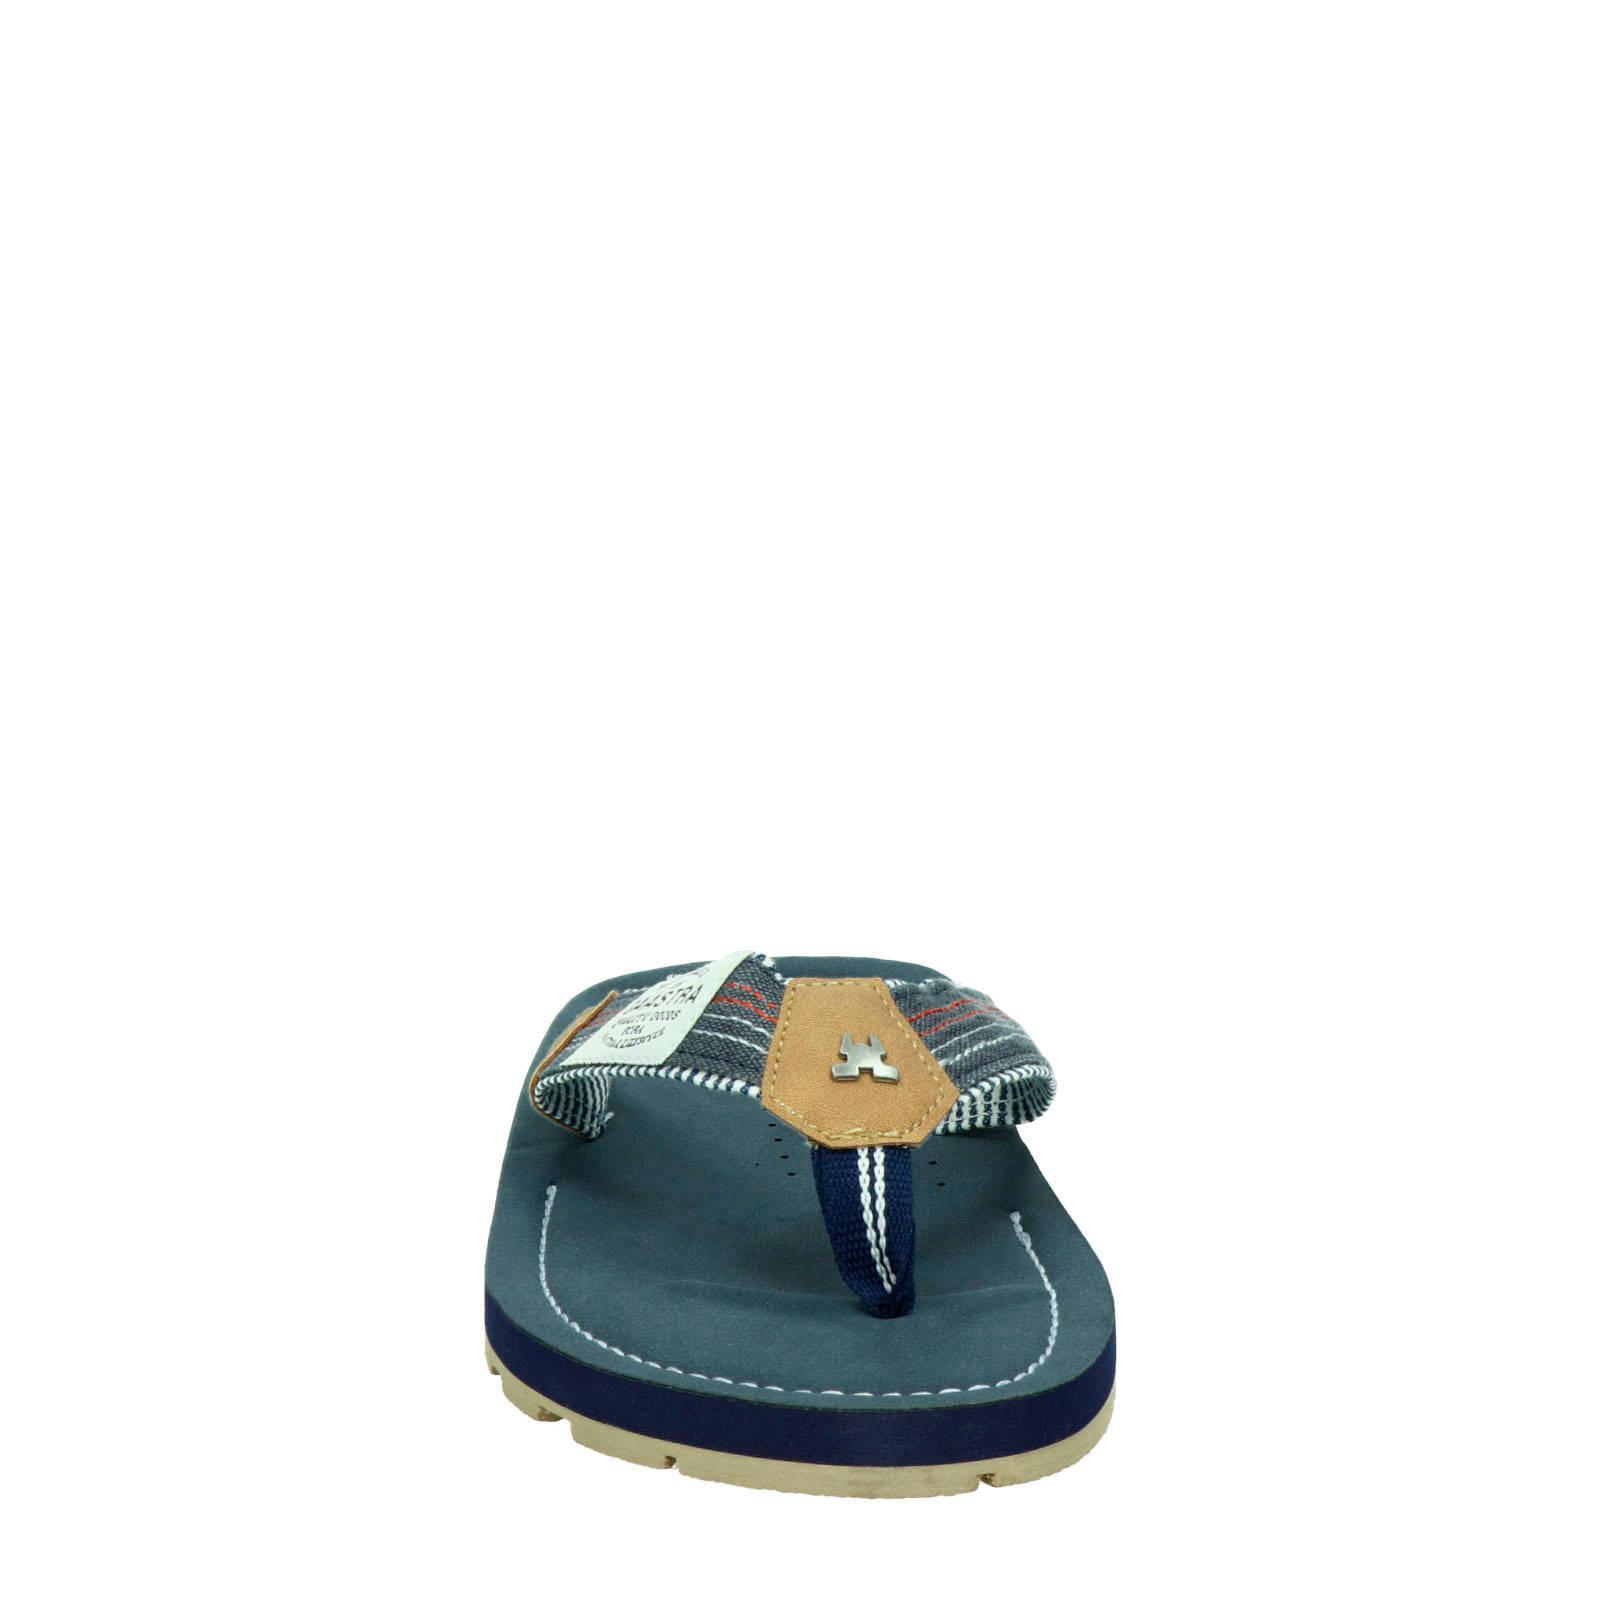 Gaastra teenslippers blauw | wehkamp